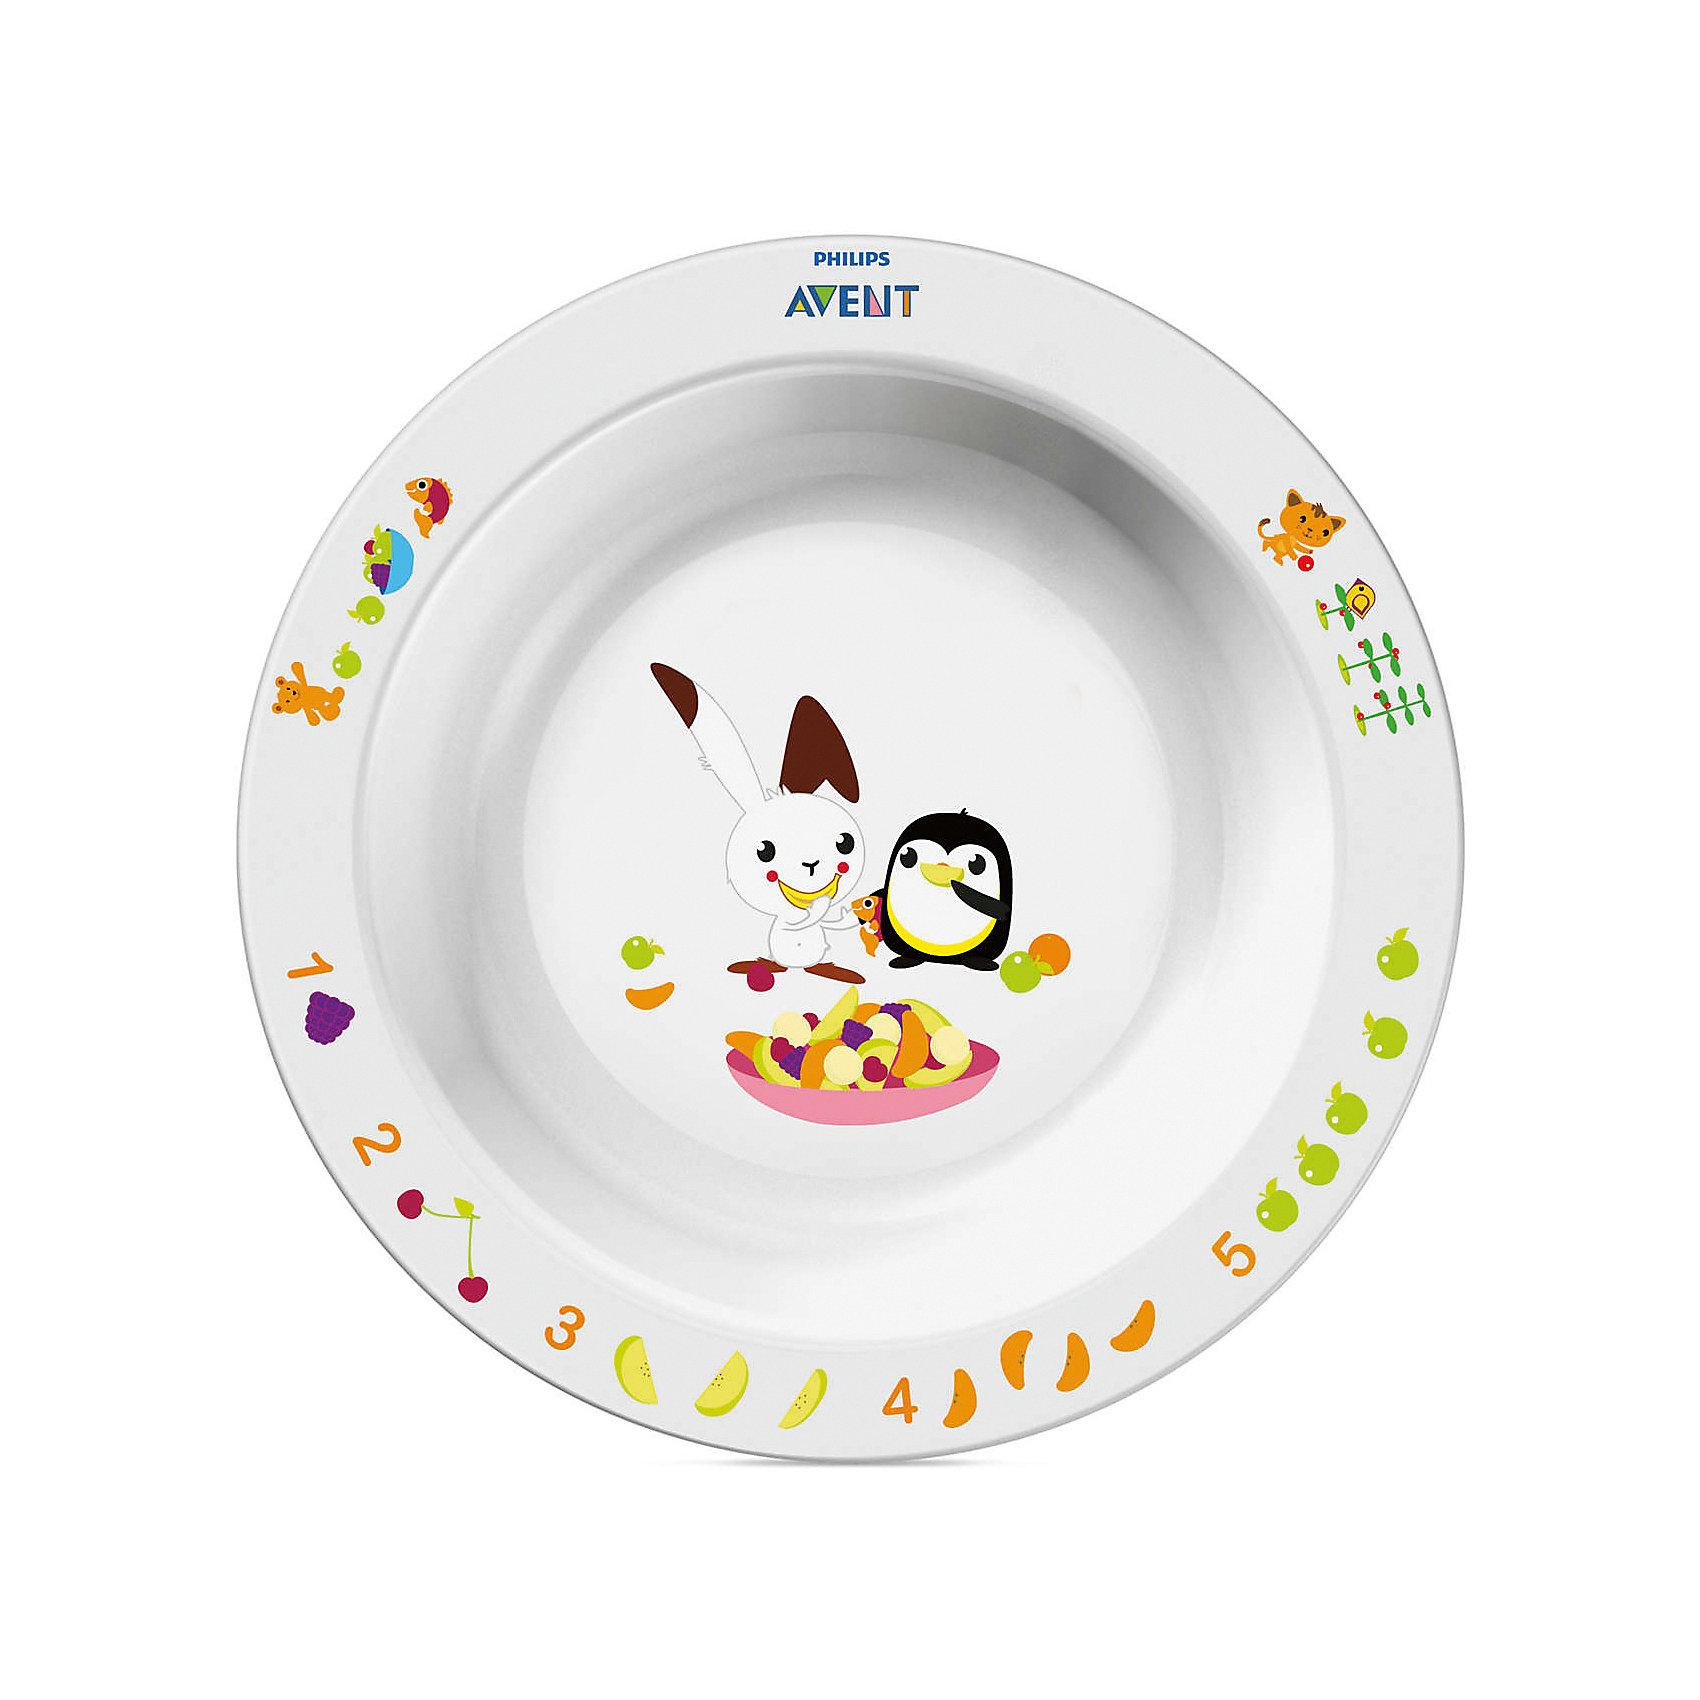 Большая глубокая тарелка AVENTТарелки<br>Детская большая тарелка  от AVENT в игровой форме обучает малыша есть самостоятельно. <br><br>Дополнительная информация: <br>- Развивающее оформление<br>- Нескользящее основание предотвращает проливание<br>- Широкие края удобны для самостоятельного питания <br>- Удобно мыть и хранить<br>- Можно мыть в посудомоечной машине <br>- Можно использовать в микроволновой печи <br>- Без бисфенола-А <br>- Разработано при участии ведущего детского психолога (Dr. Gillian Harris) <br>- Размеры: 43(Г)х175(Ш)х175(В)мм<br>- Вес: 0,126 кг.<br><br>Забавный сказочный герой кролик Труман заинтересует малыша, и его тарелка быстро опустеет! Тарелка идеально подойдёт малышам, которые стремятся <br>скорее научиться самостоятельно есть!<br><br>Ширина мм: 40<br>Глубина мм: 210<br>Высота мм: 260<br>Вес г: 175<br>Возраст от месяцев: 12<br>Возраст до месяцев: 60<br>Пол: Унисекс<br>Возраст: Детский<br>SKU: 2174538